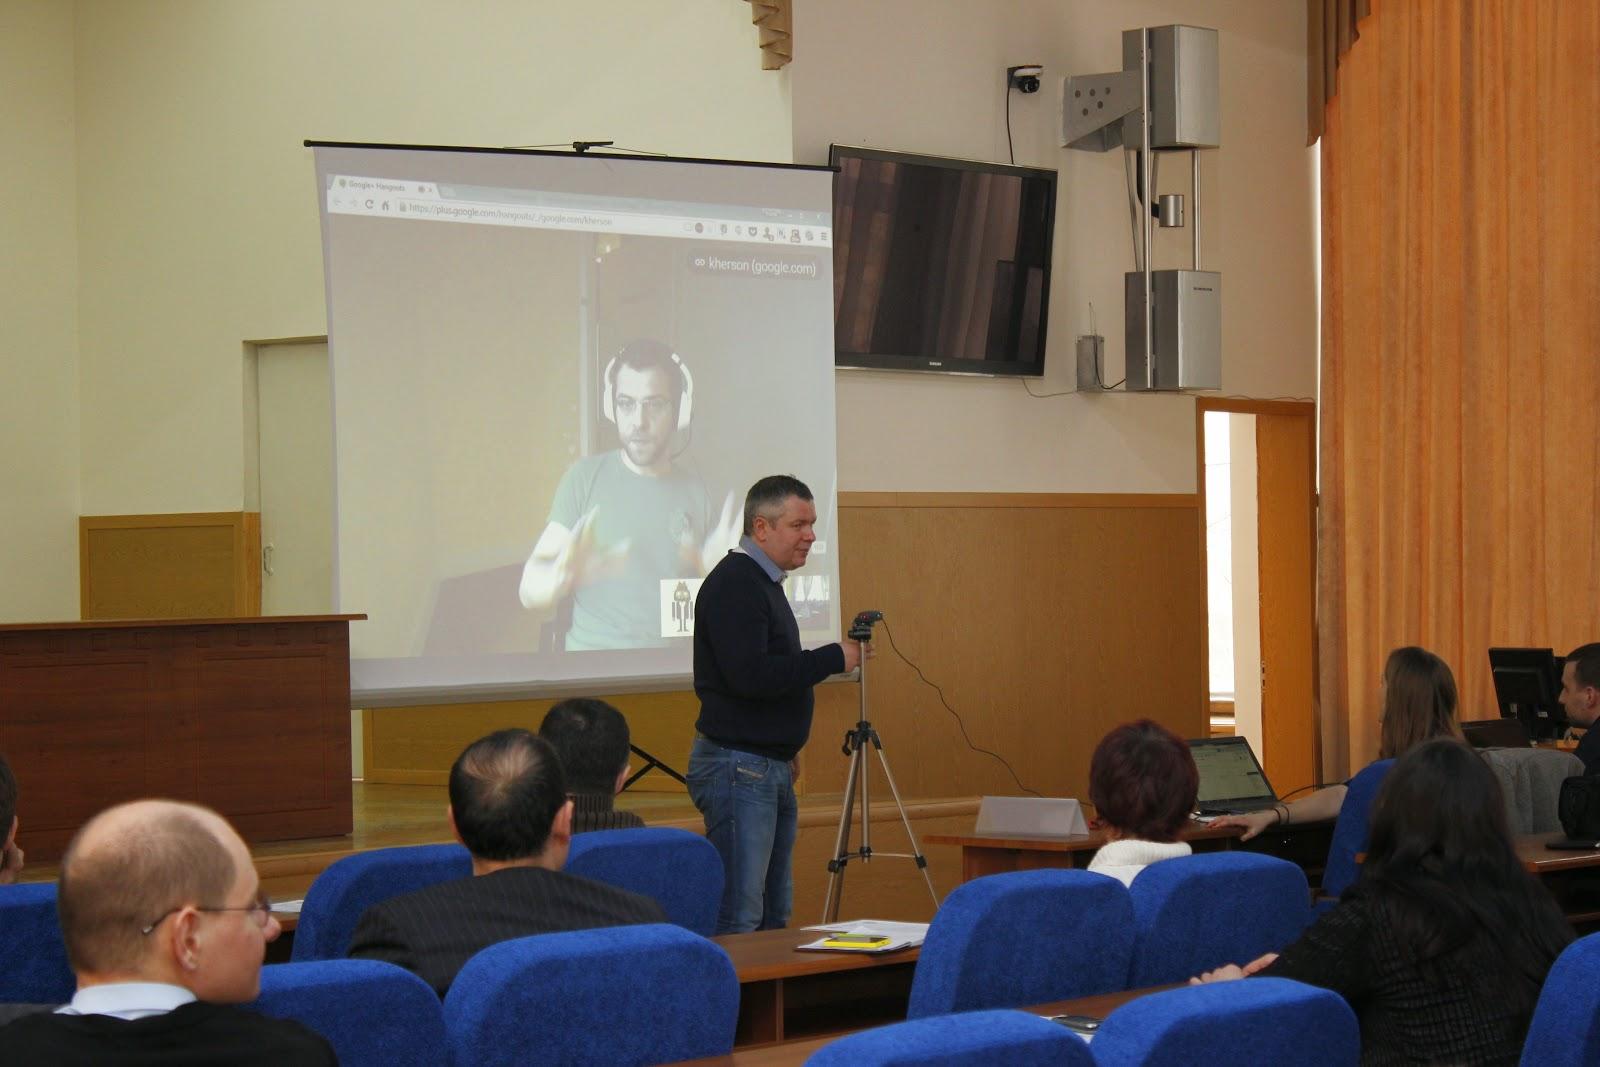 Онлайн включение Андрея Липатцева, специалиста по работе с веб-мастерами Google